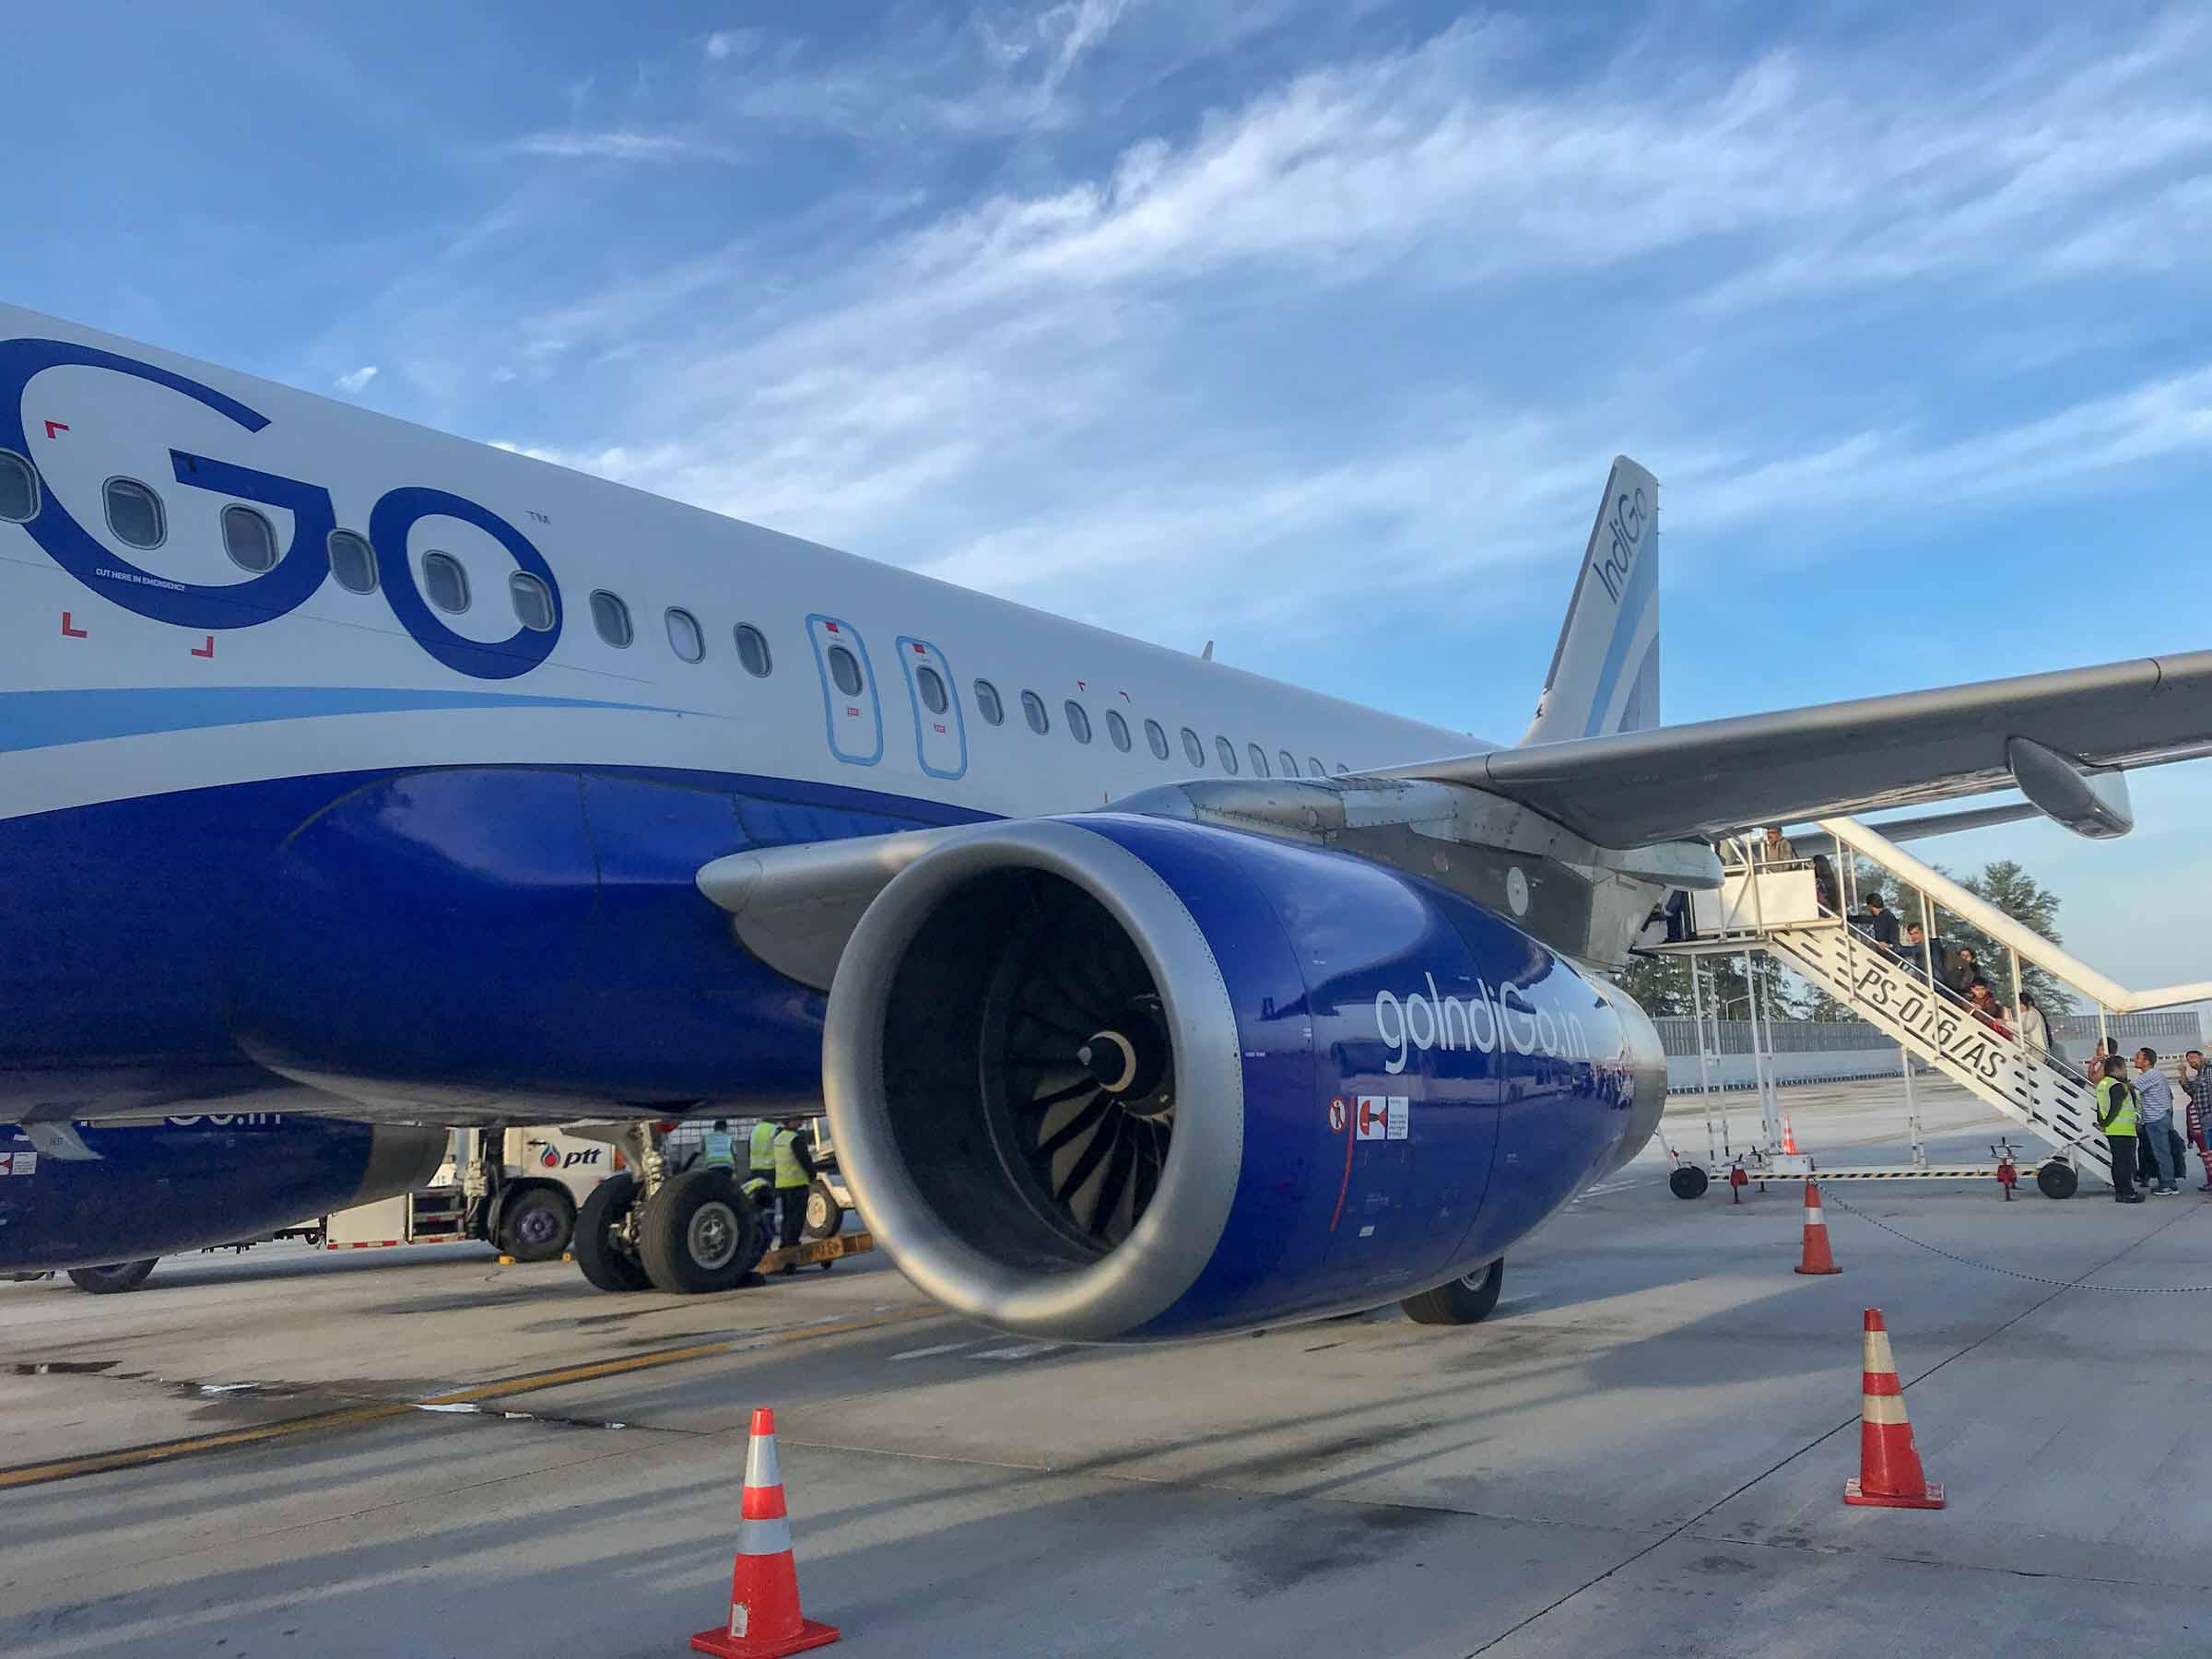 Tipps & Erfahrung: Flüge nach Indien gibt es von Deutschland aus mit einem Direktflug